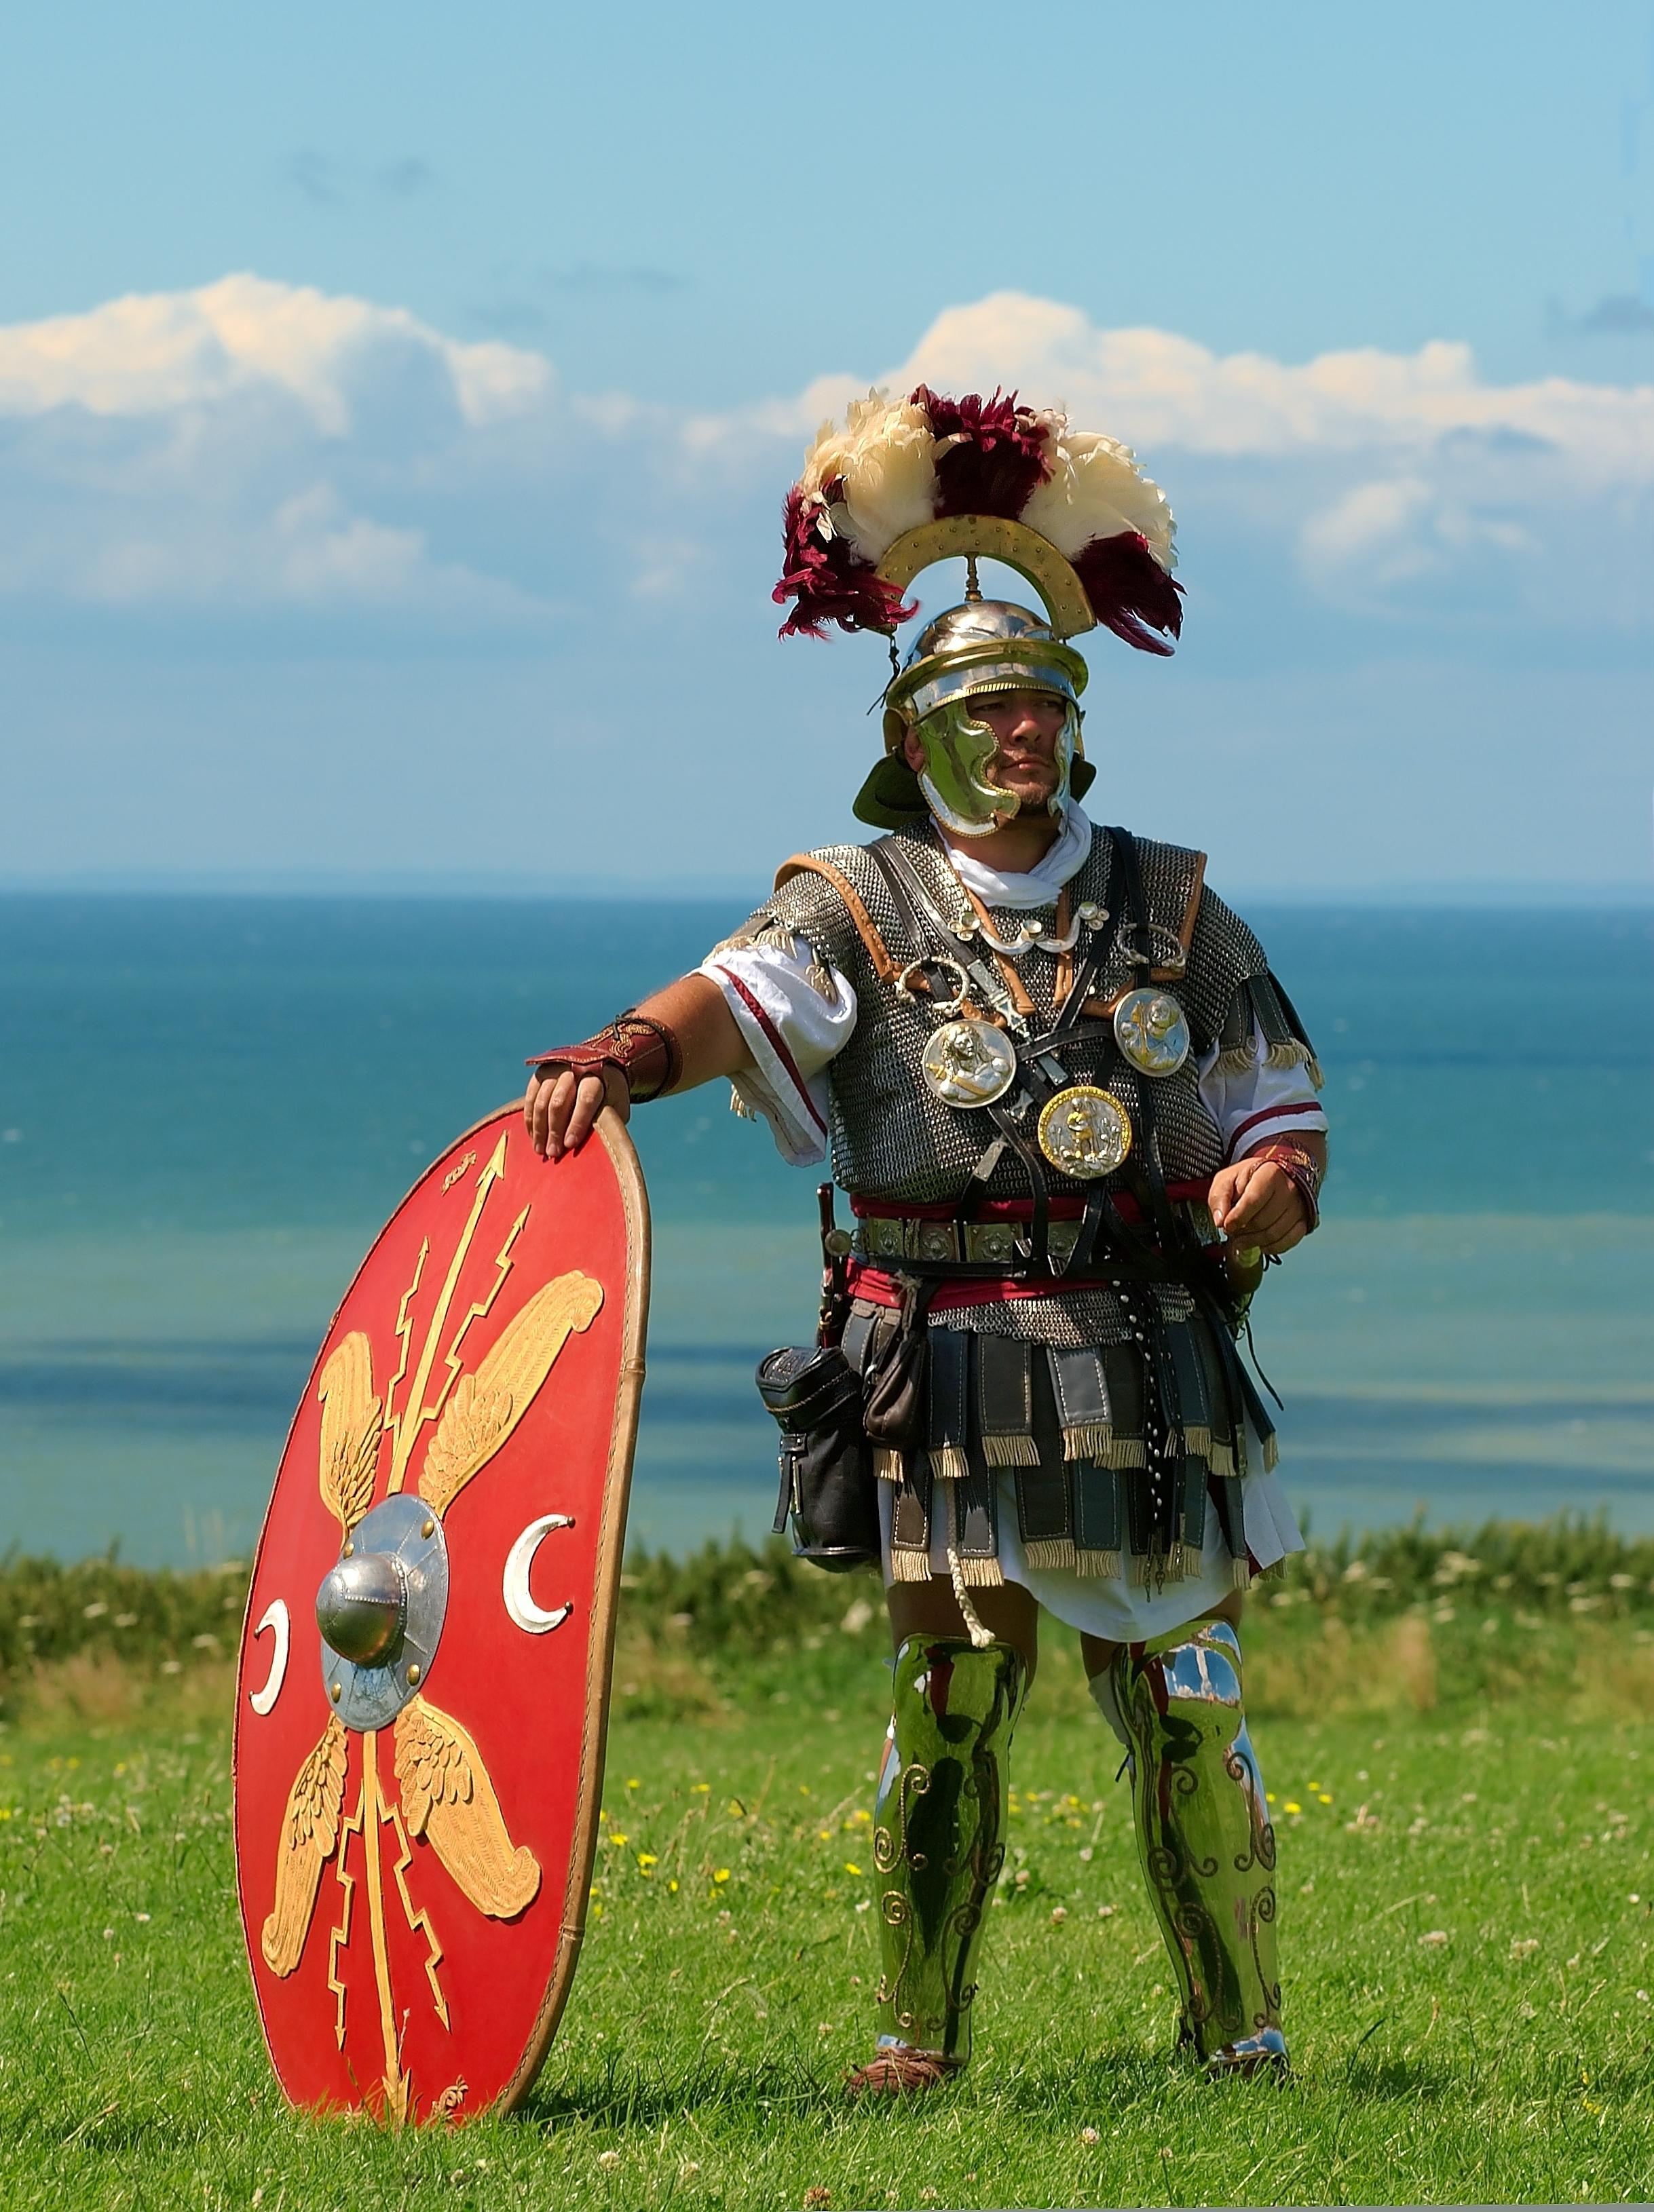 Se vším vybavením si legionáři mohli připadat spíše jak tažné muly.